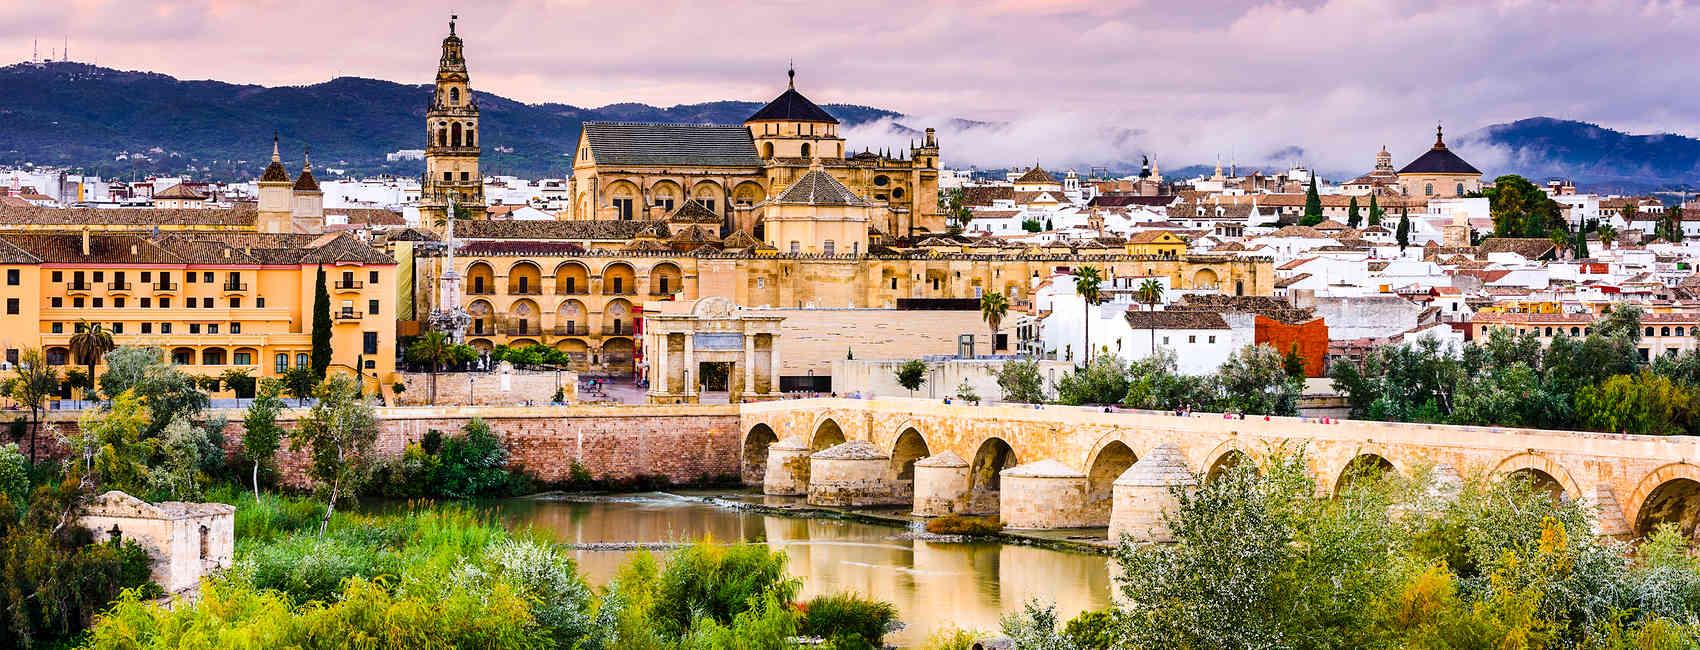 Spain - Amiri Travel